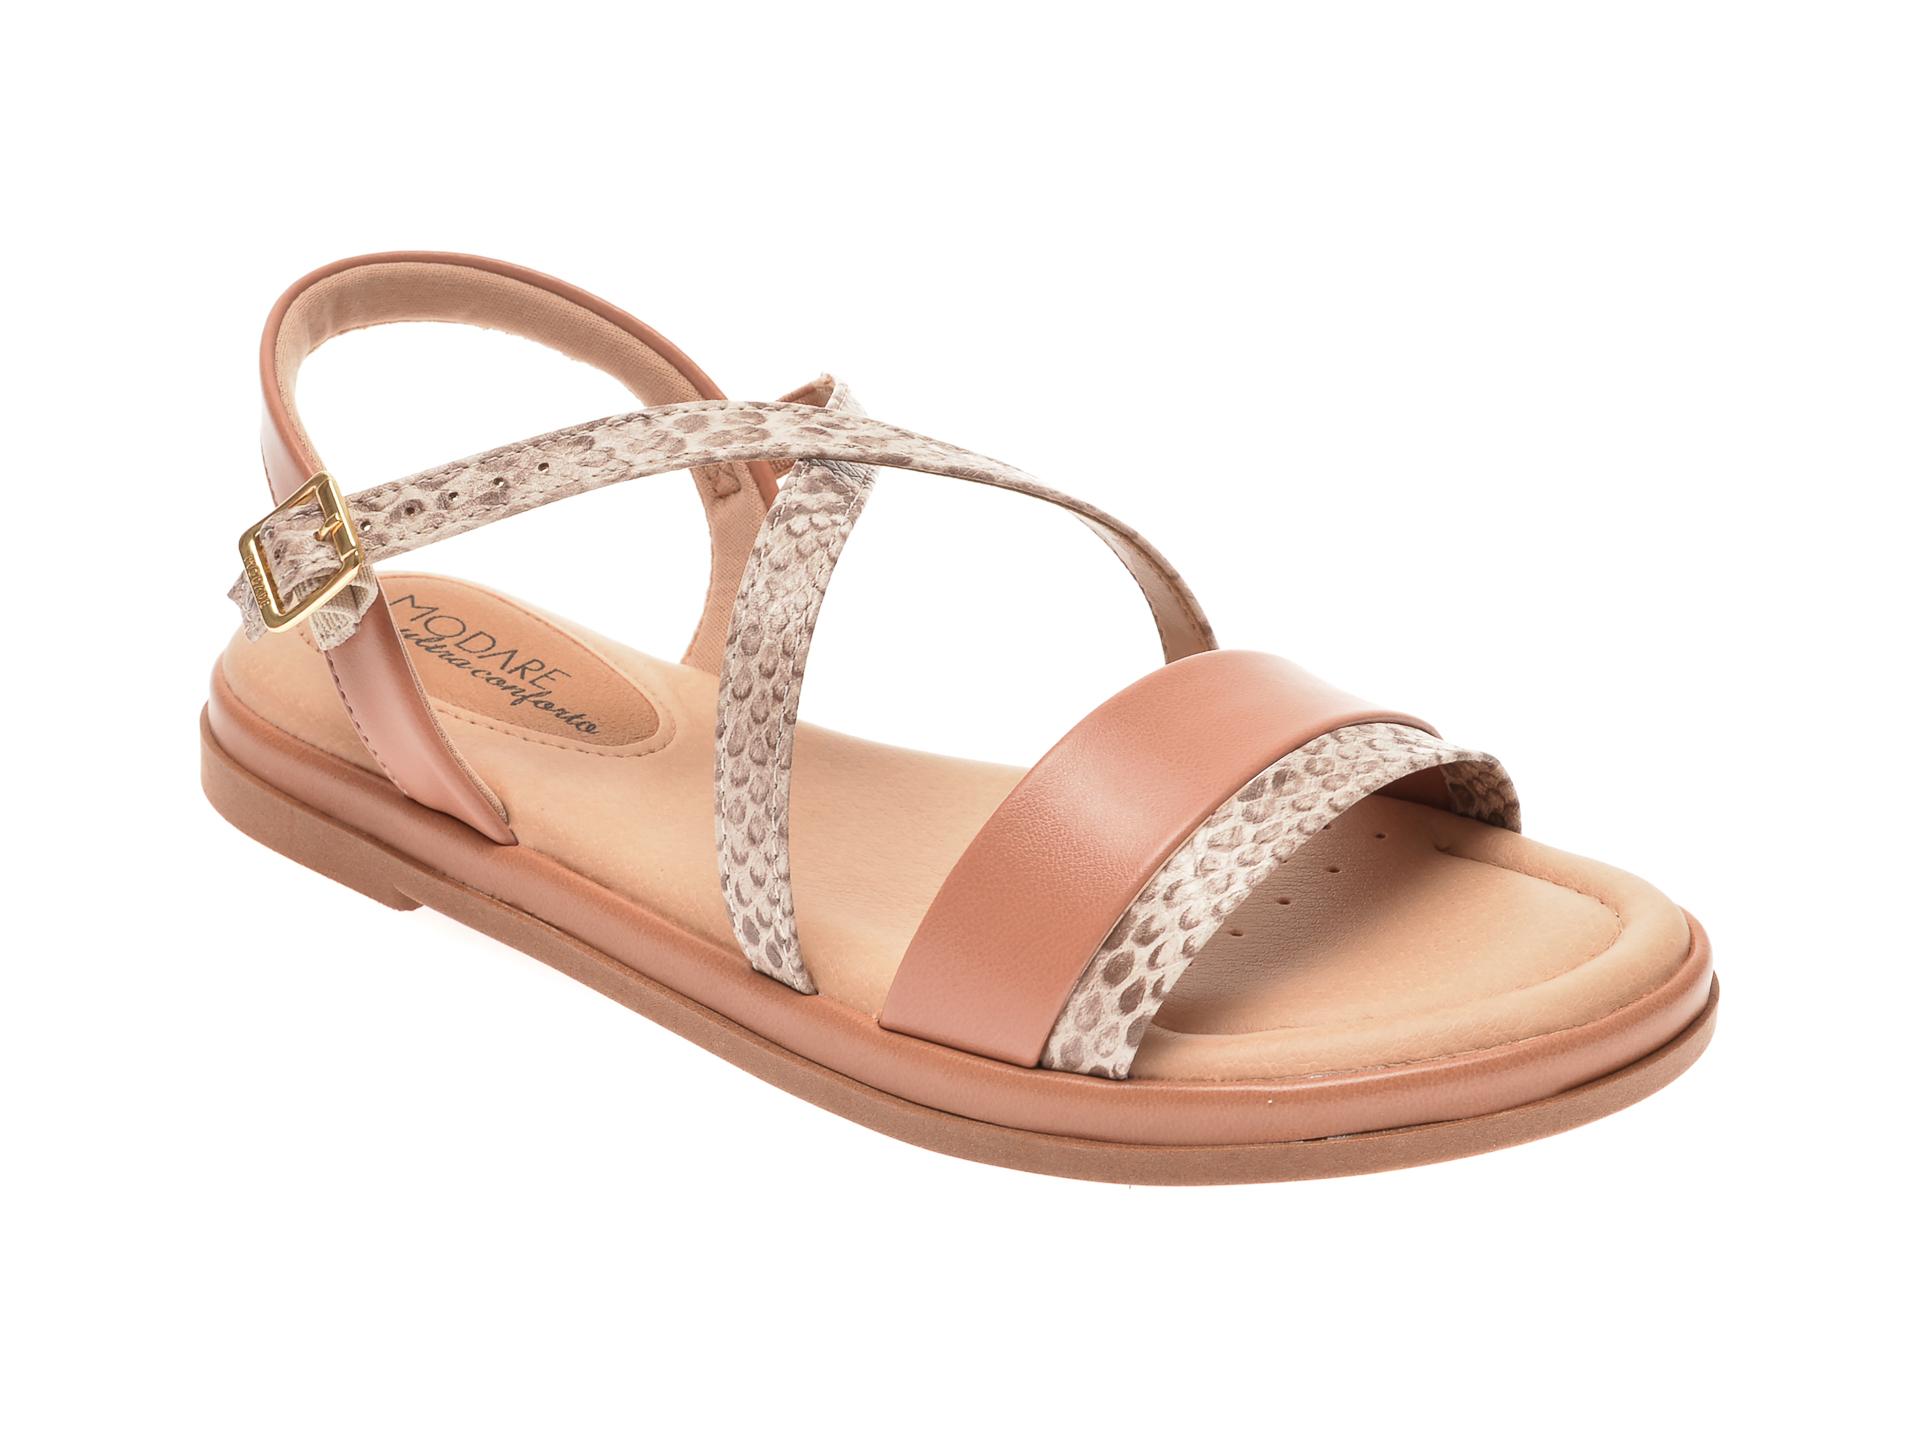 Sandale MODARE nude, 7139104, din piele ecologica